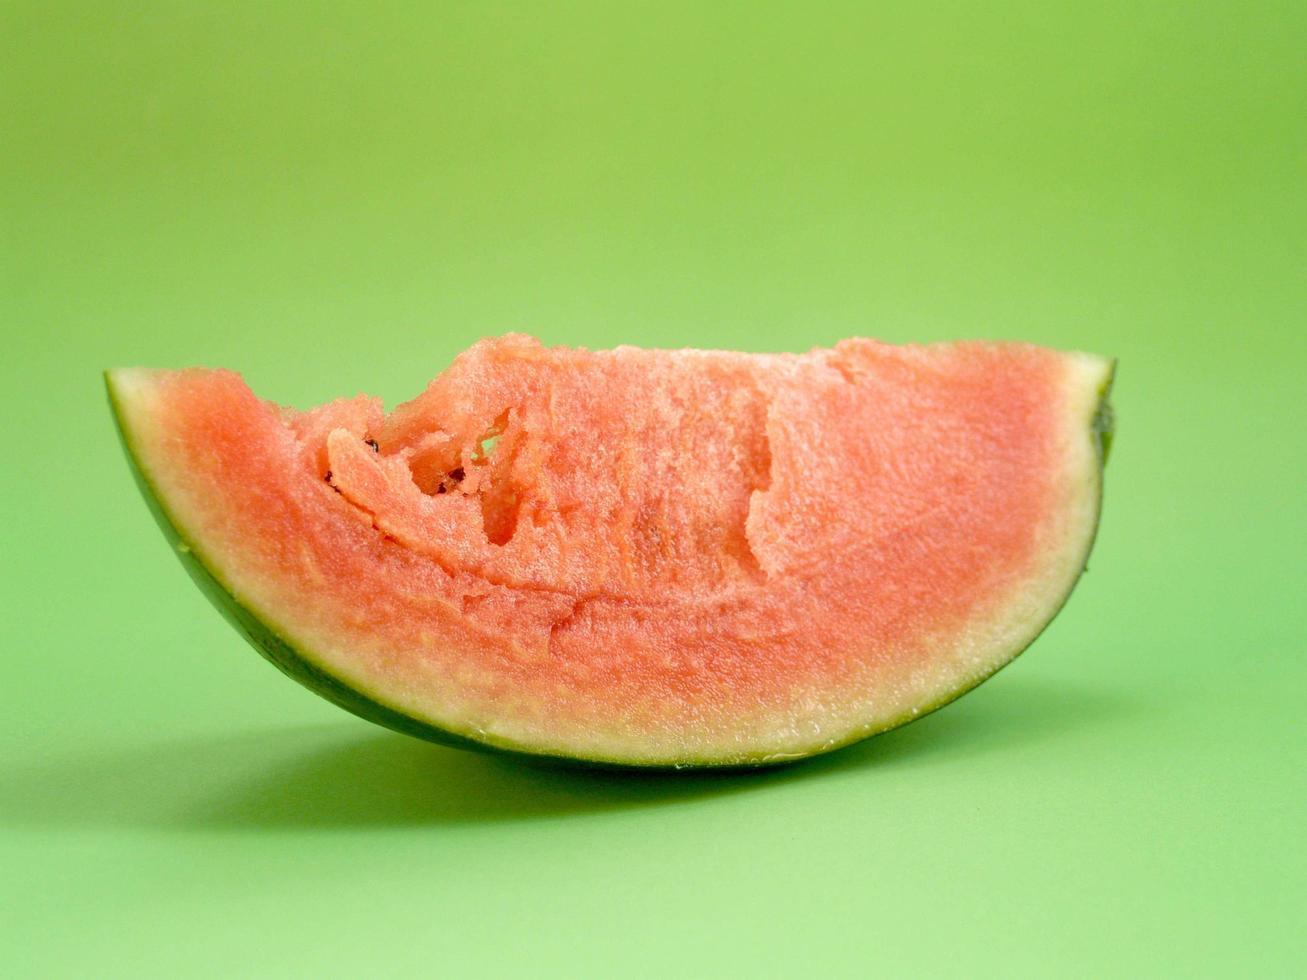 tranche de pastèque sur fond vert photo